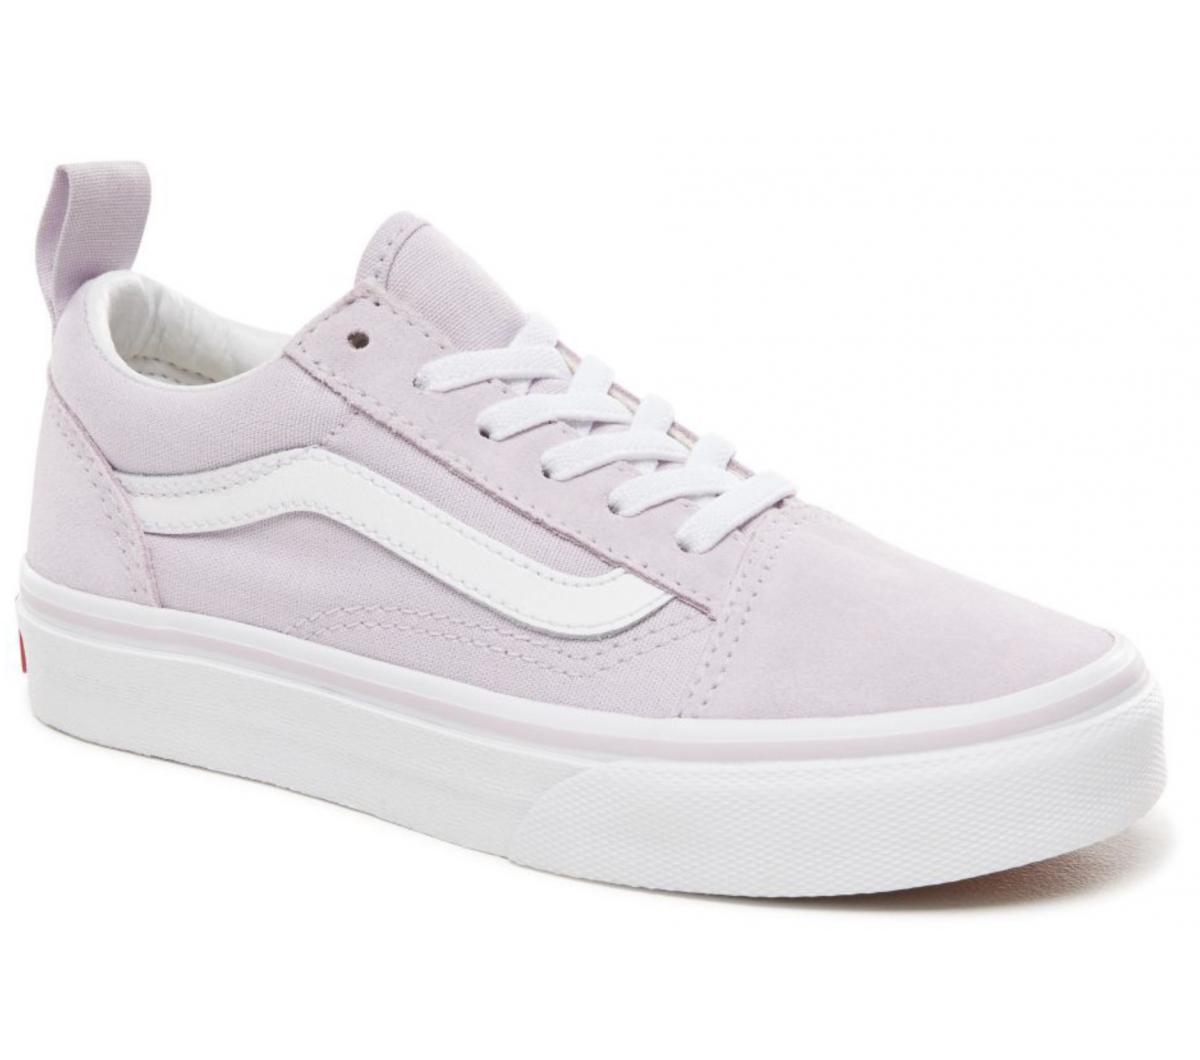 Vans Old Skool Lavender & White Canvas Shoes Schoenen